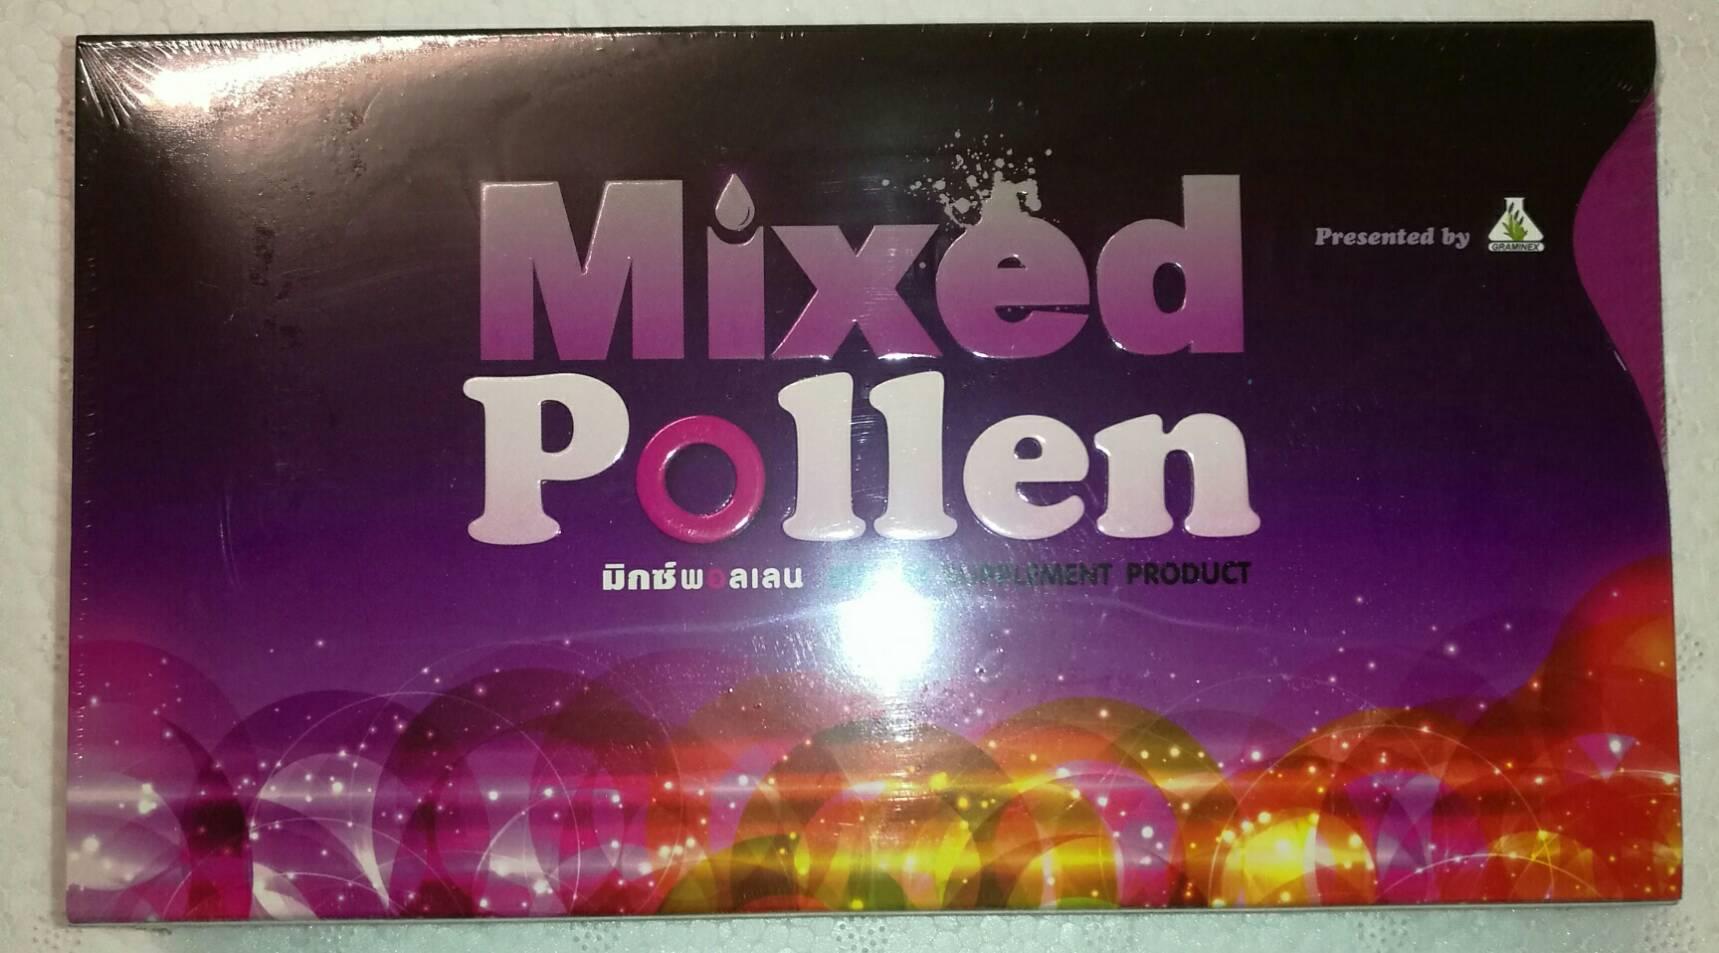 Mixed Pollen - มิกซ์ พอลเลน มีโกรทฮอร์โมนช่วยฟื้นความเป็นหนุ่มสาว